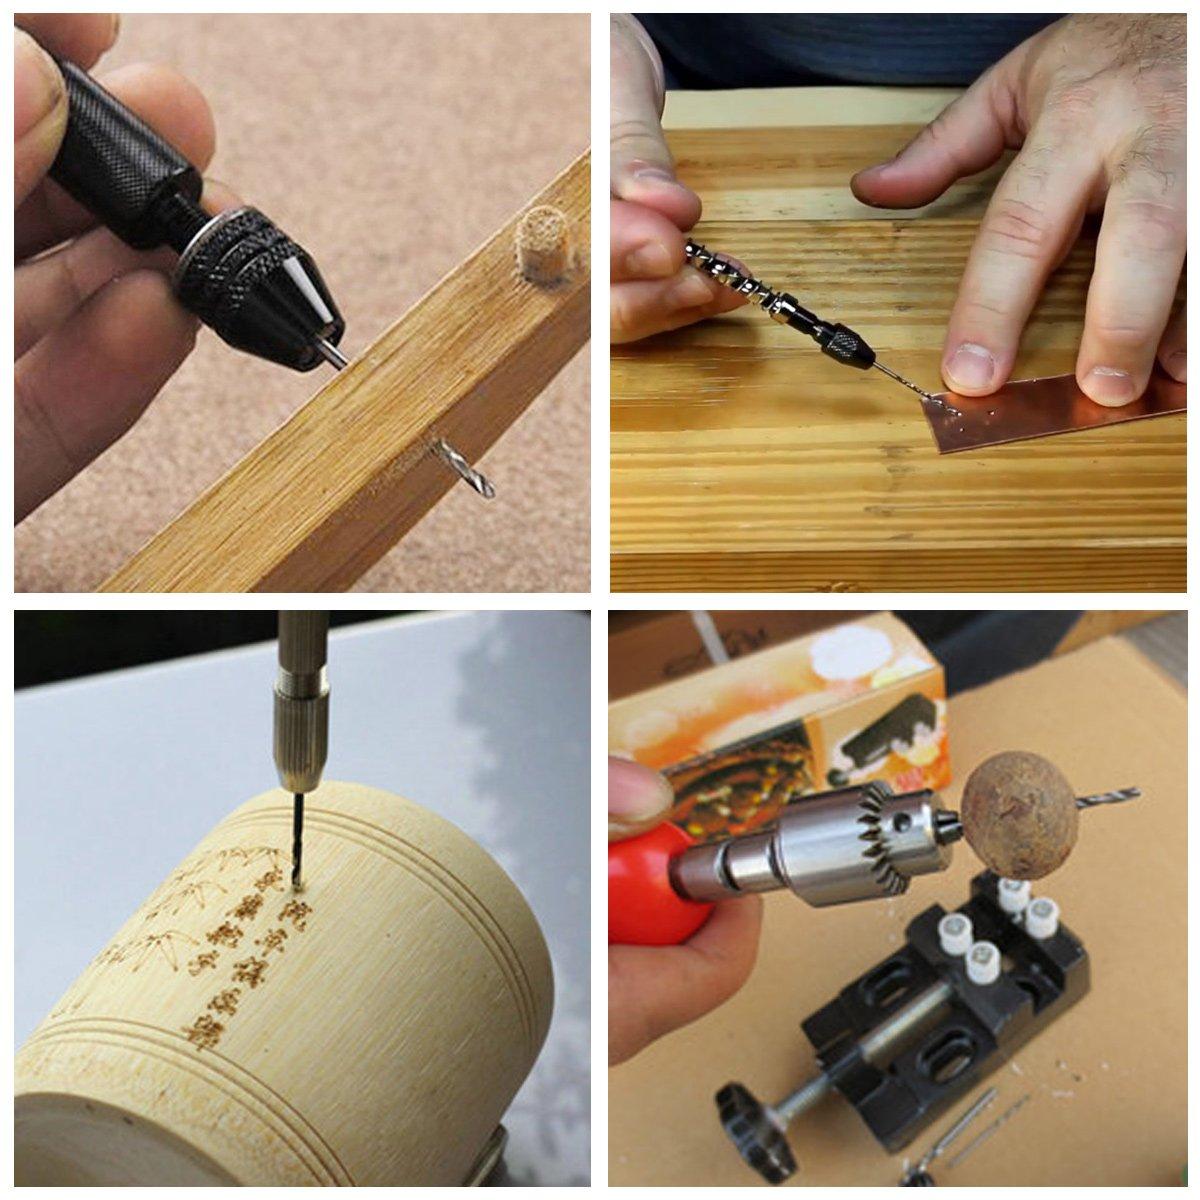 15pcs Micro Twist de forets pour DIY Bijoux Carving Outil Camtek Perceuse /à Main Hand Rotary Drilling Mini Micro Outils de Forage /à Main Outils Rotatifs